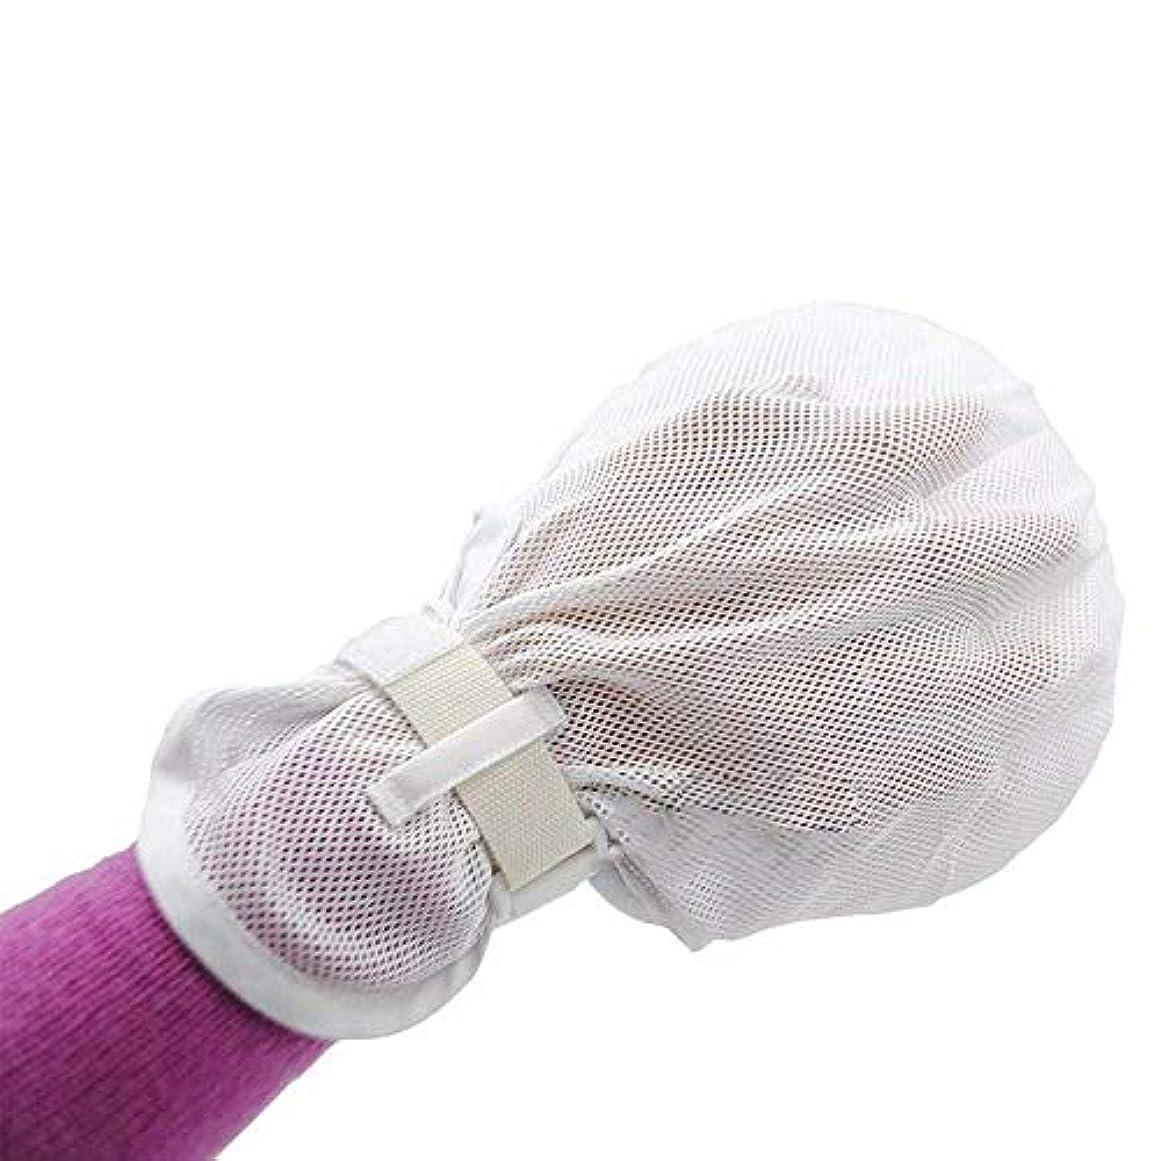 時計回り是正ブレーキ安全管理ミット自己怪我ベッドレスト寝たきり患者ケア製品指の制御拘束ミット反抜管手袋予防